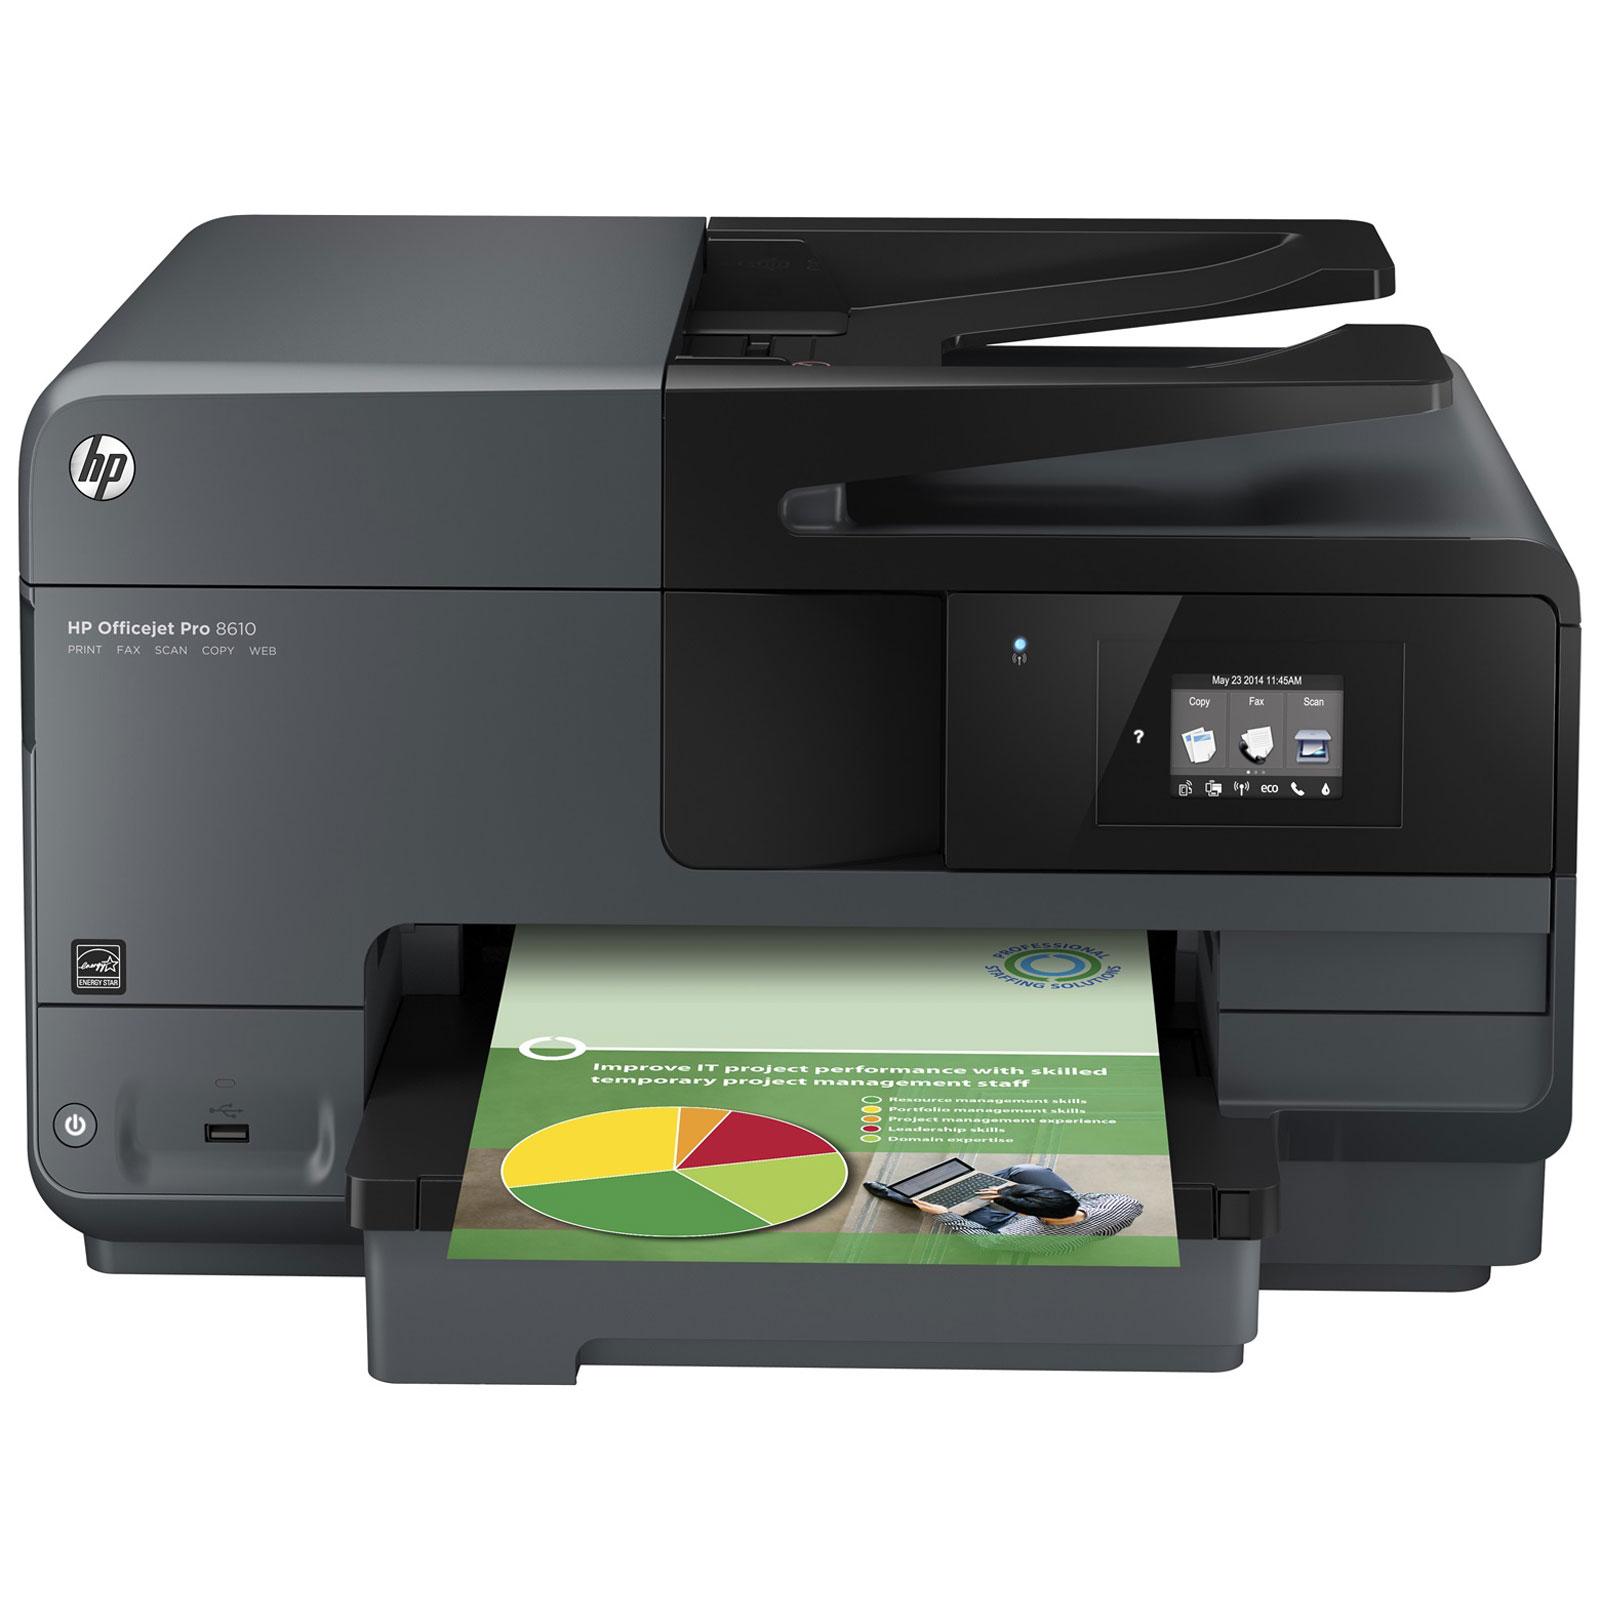 hp officejet pro 8610 imprimante multifonction hp sur. Black Bedroom Furniture Sets. Home Design Ideas